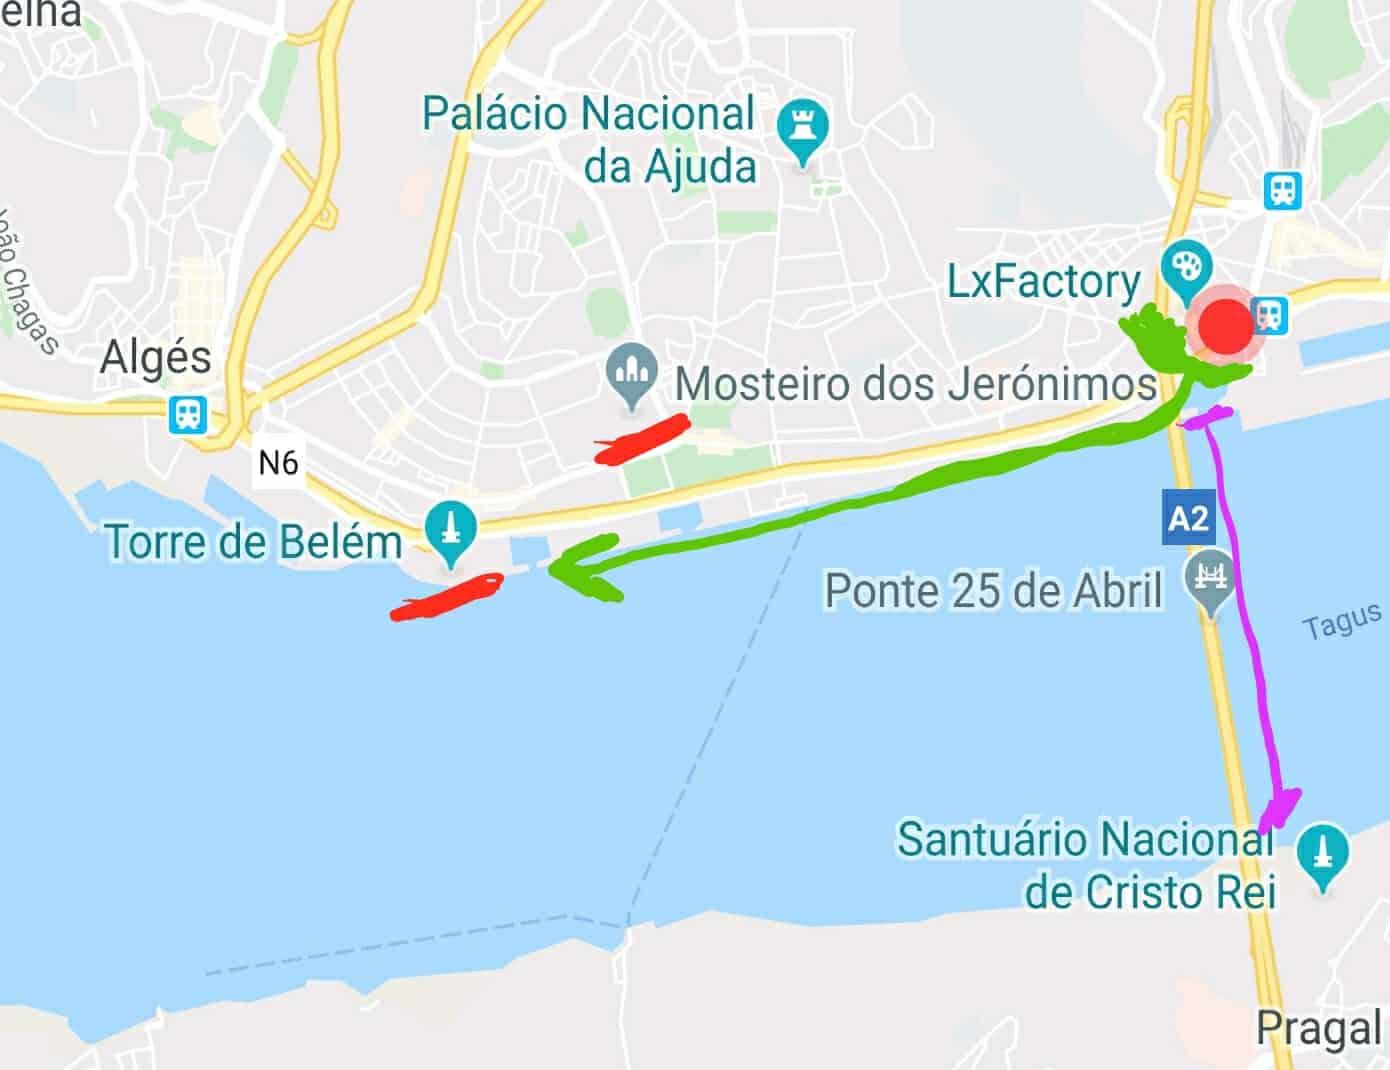 Mapa com a localização das Docas de Lisboa.